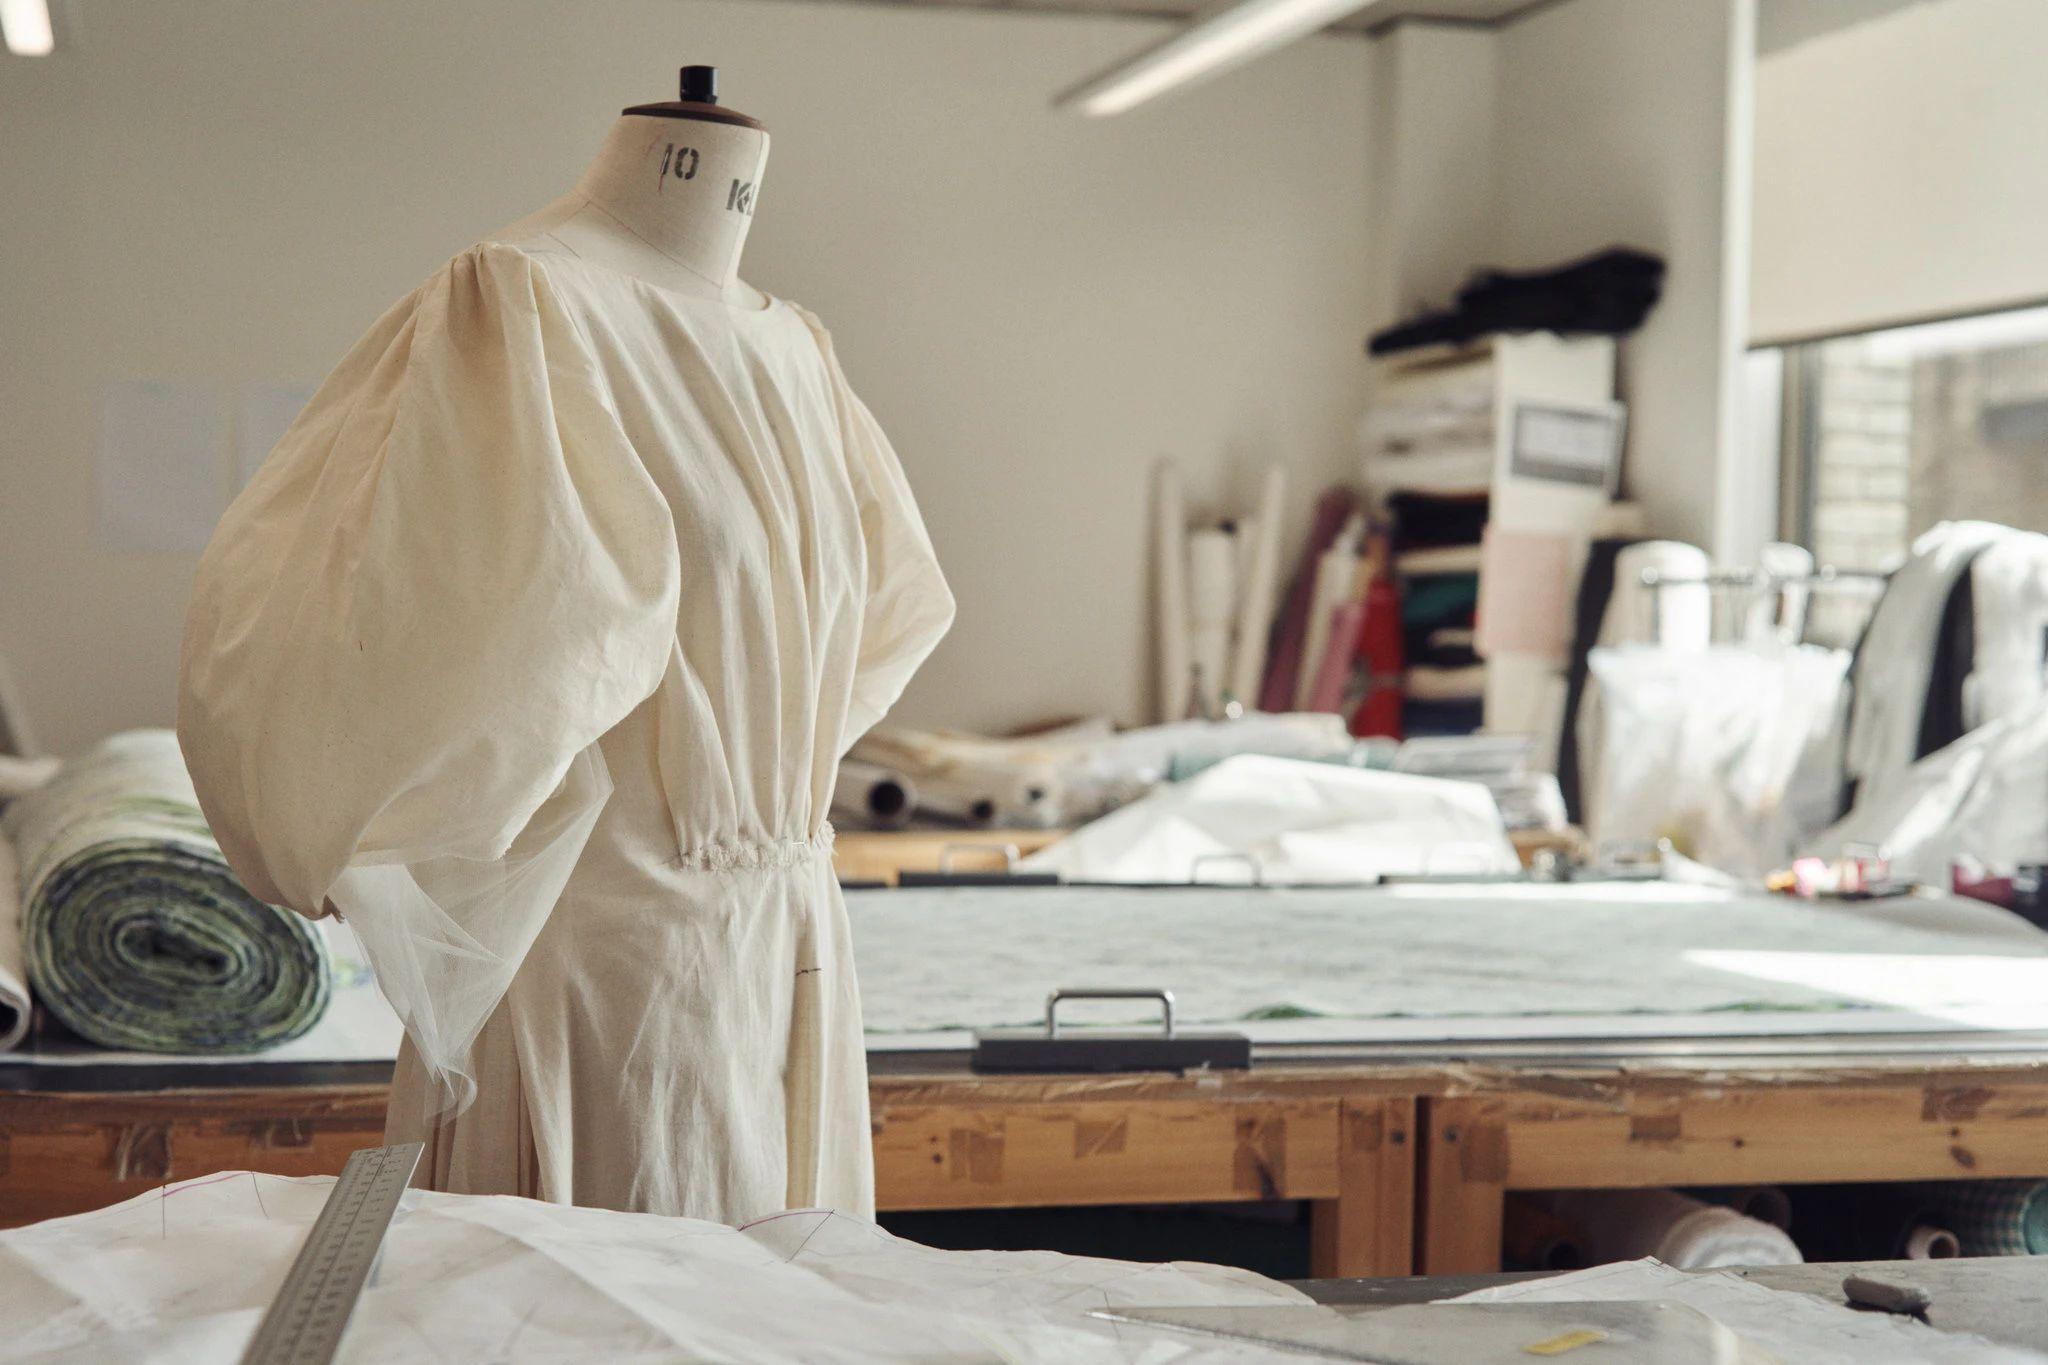 Fashion designer Emilia Wickstead in her studio